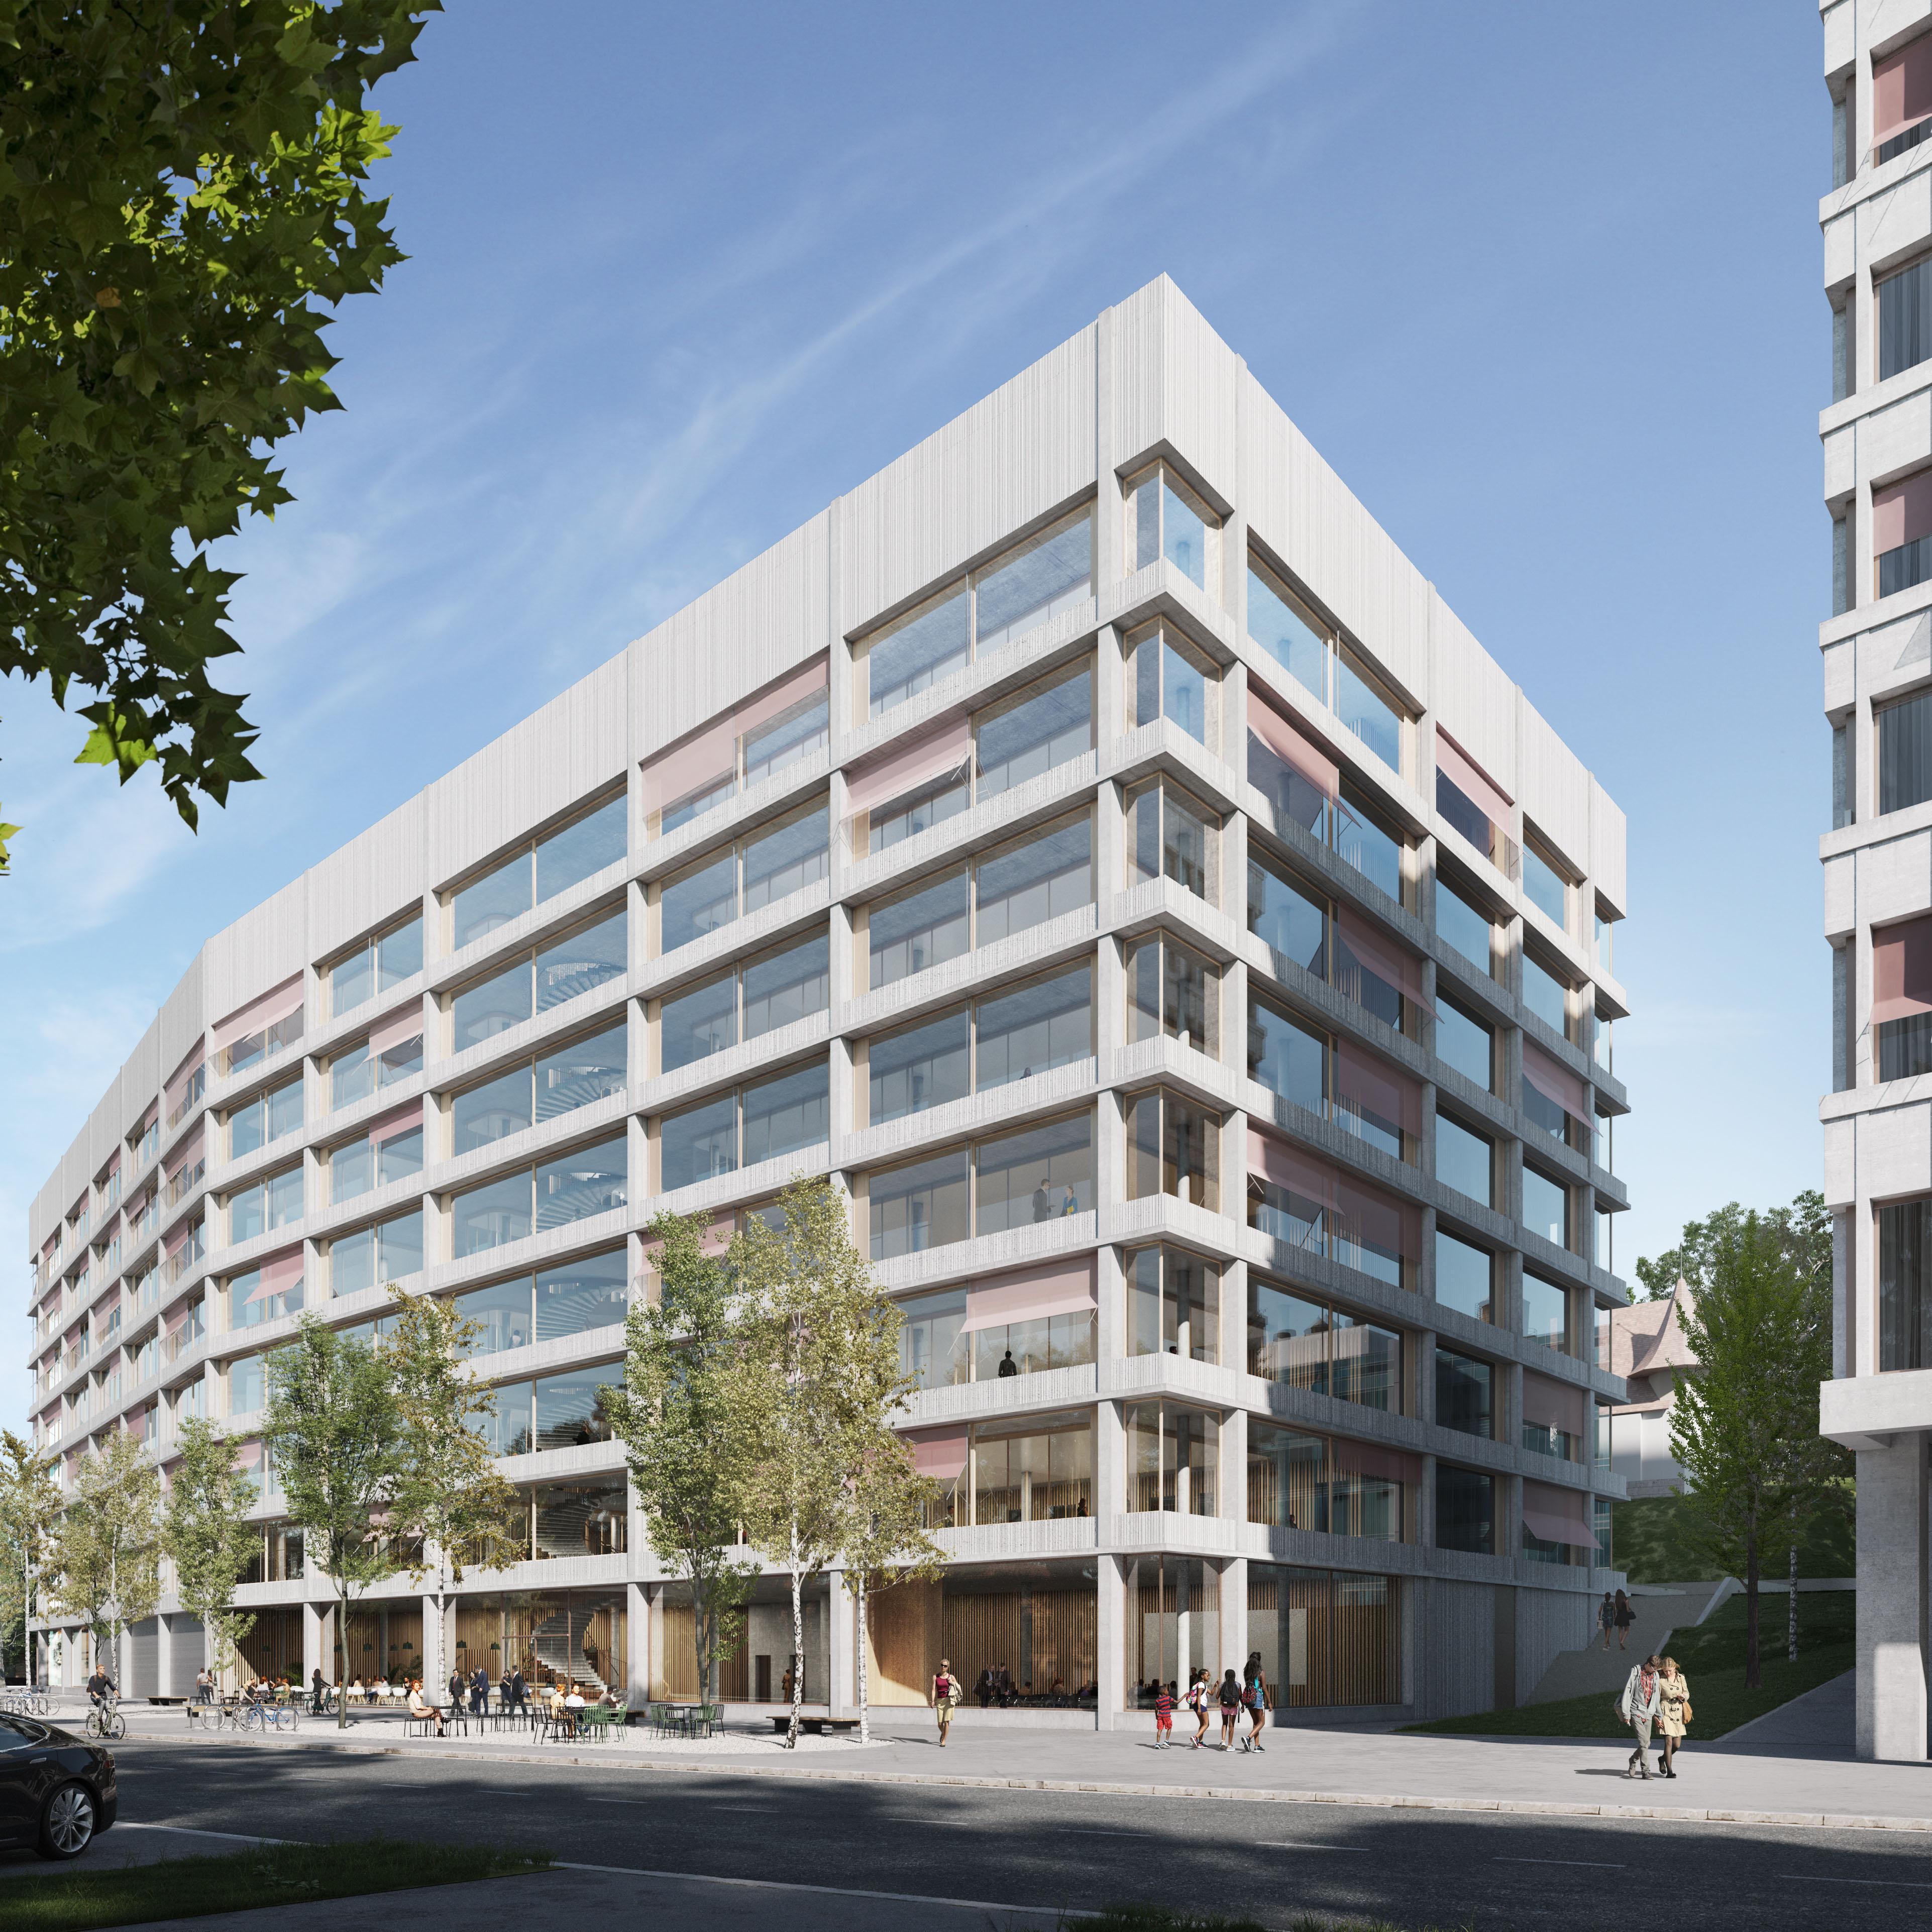 Forschungs- und Ausbildungszentrum Medizin, Universität Bern, BB7